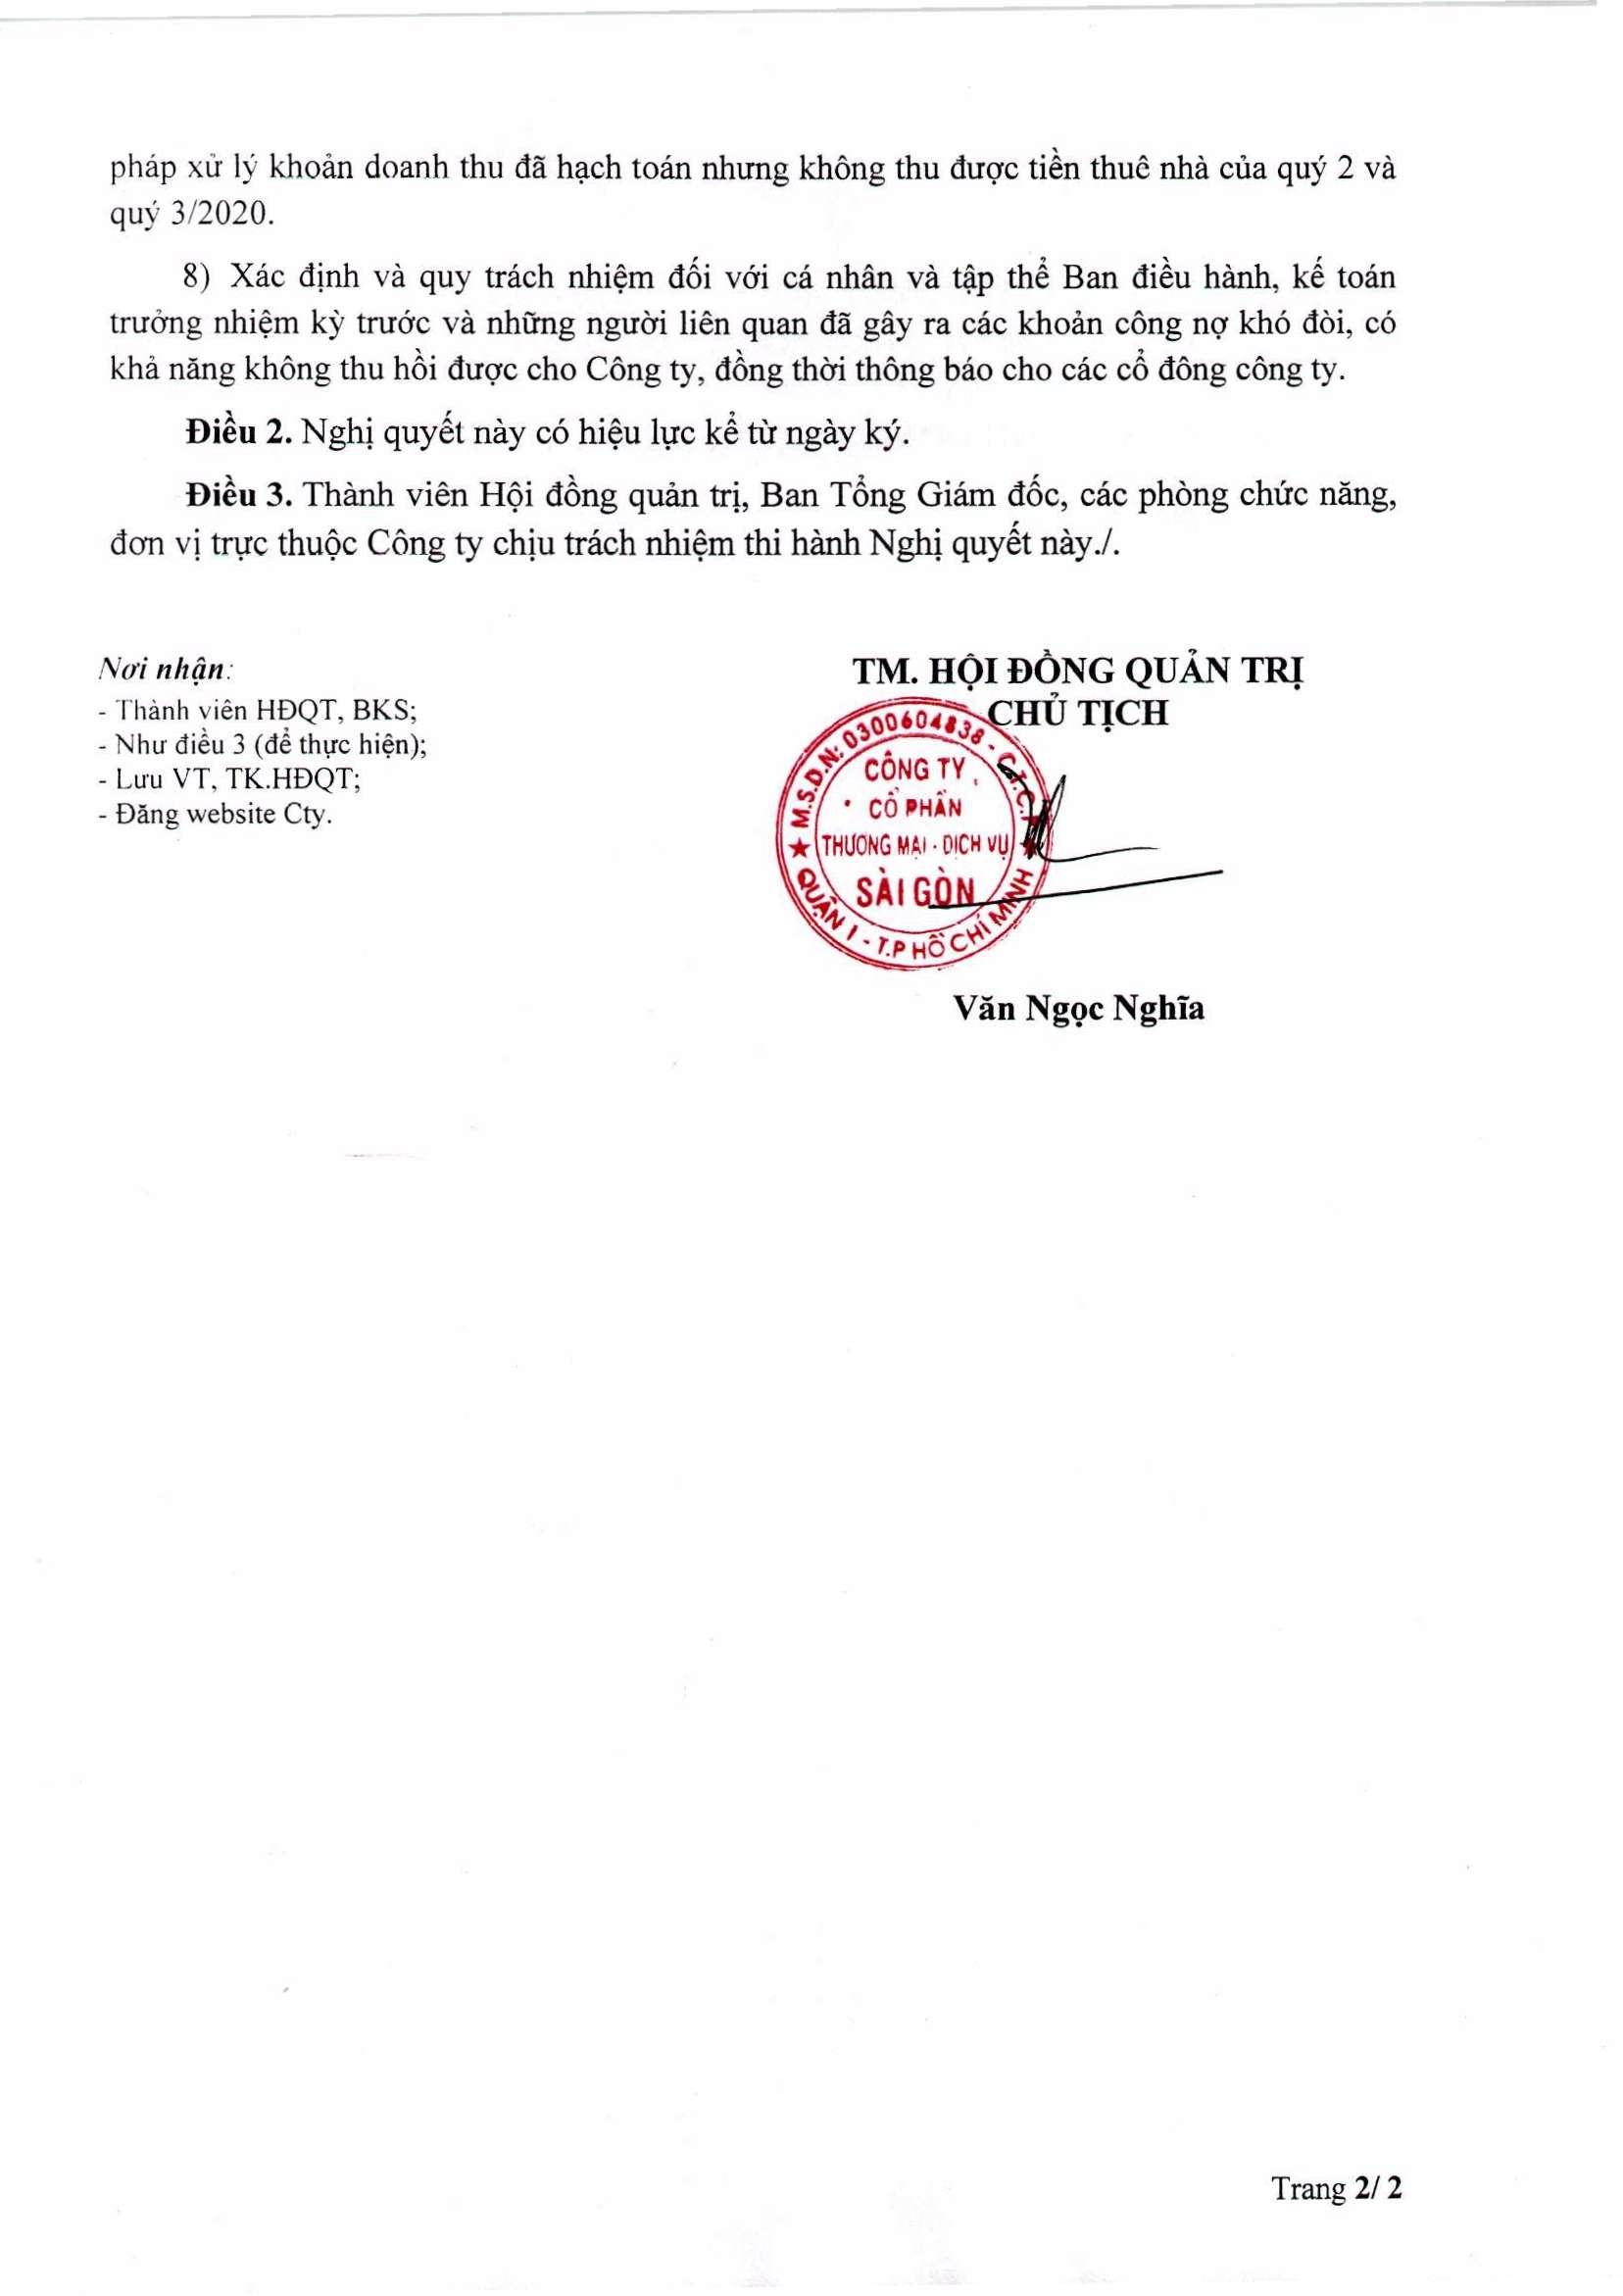 Nghị quyết 199-NQ-HĐQT ngày 18-9-2020 (02)